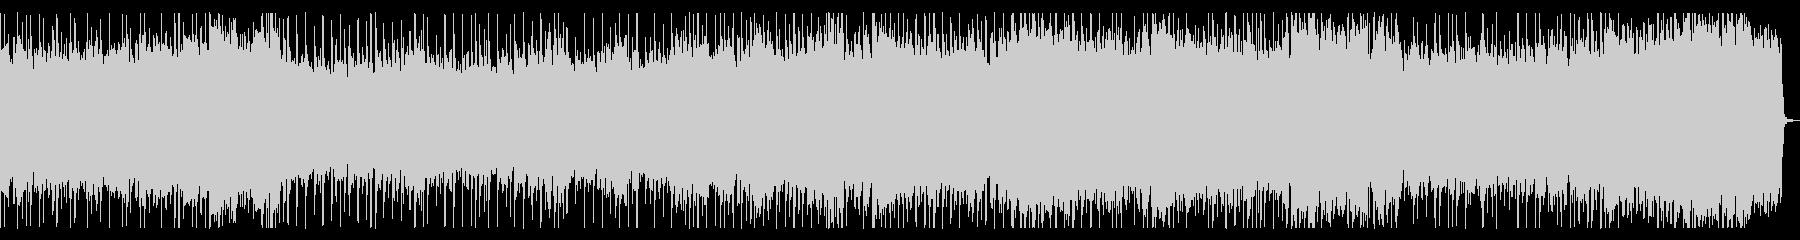 ポップでファンタジックなメタルBGMの未再生の波形